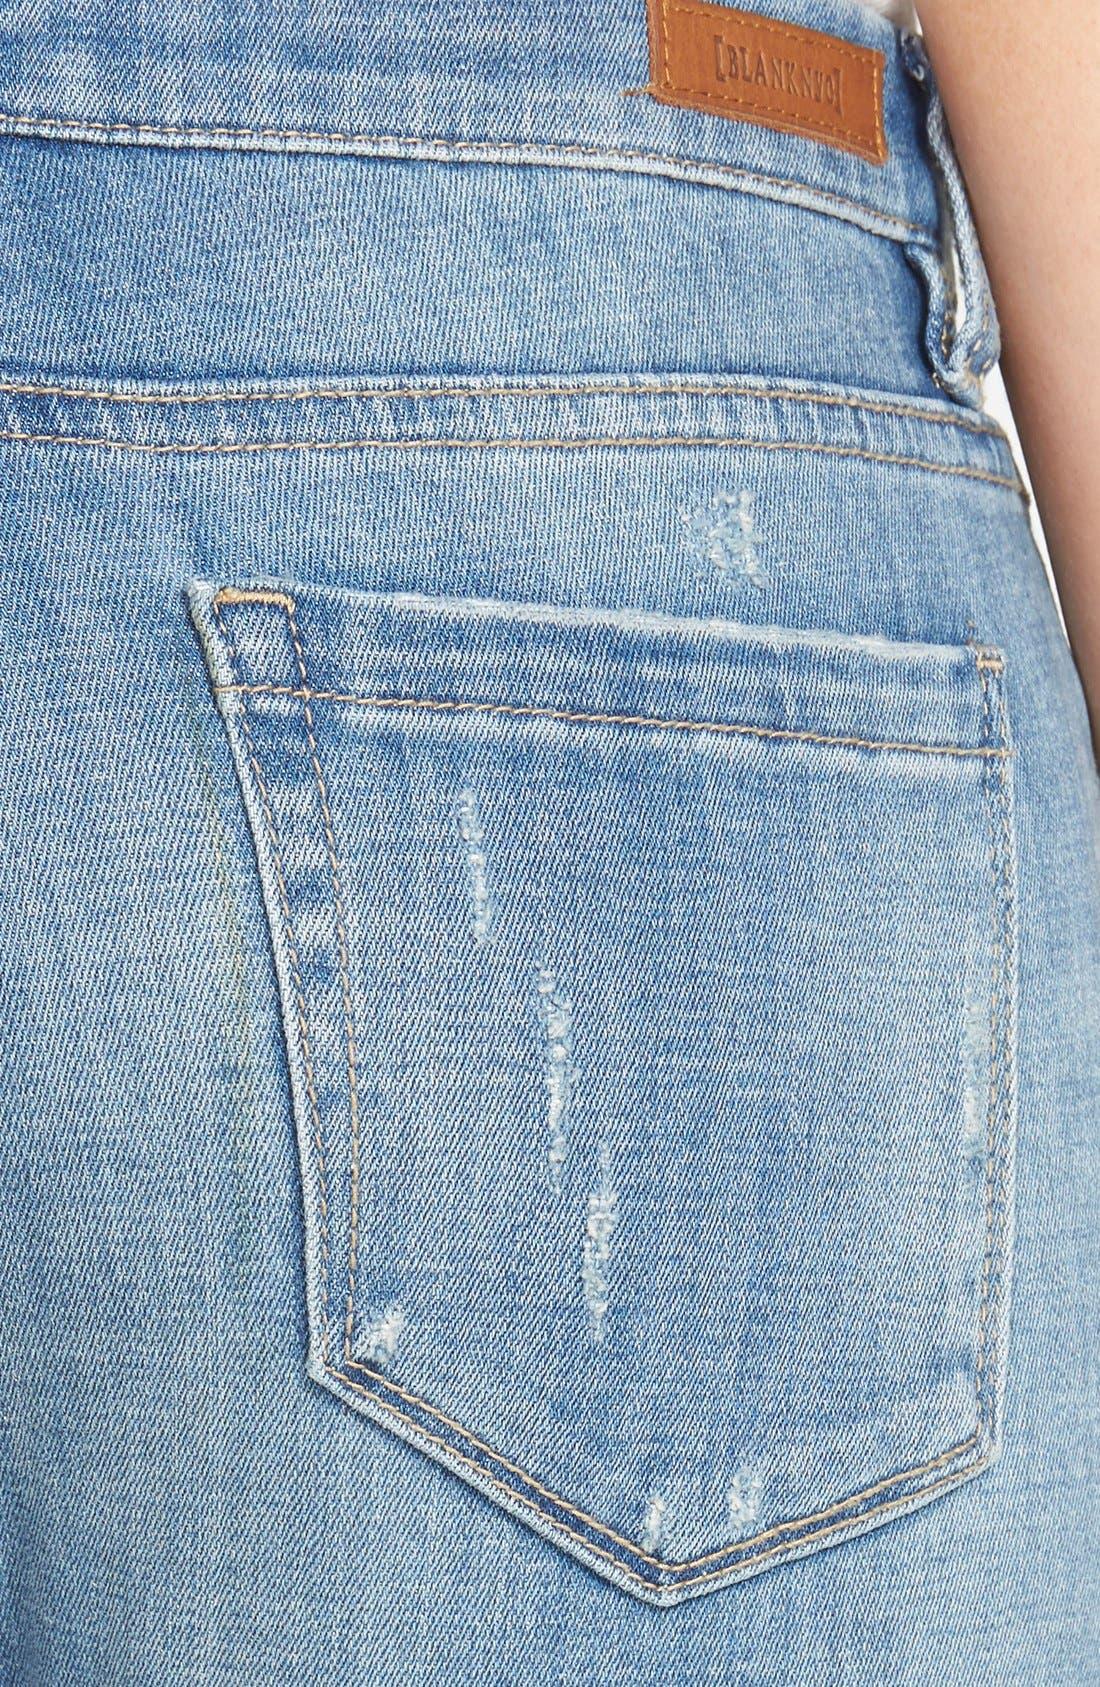 Alternate Image 3  - BLANKNYC 'Kale Yeah' Distressed Skinny Jeans (Medium)